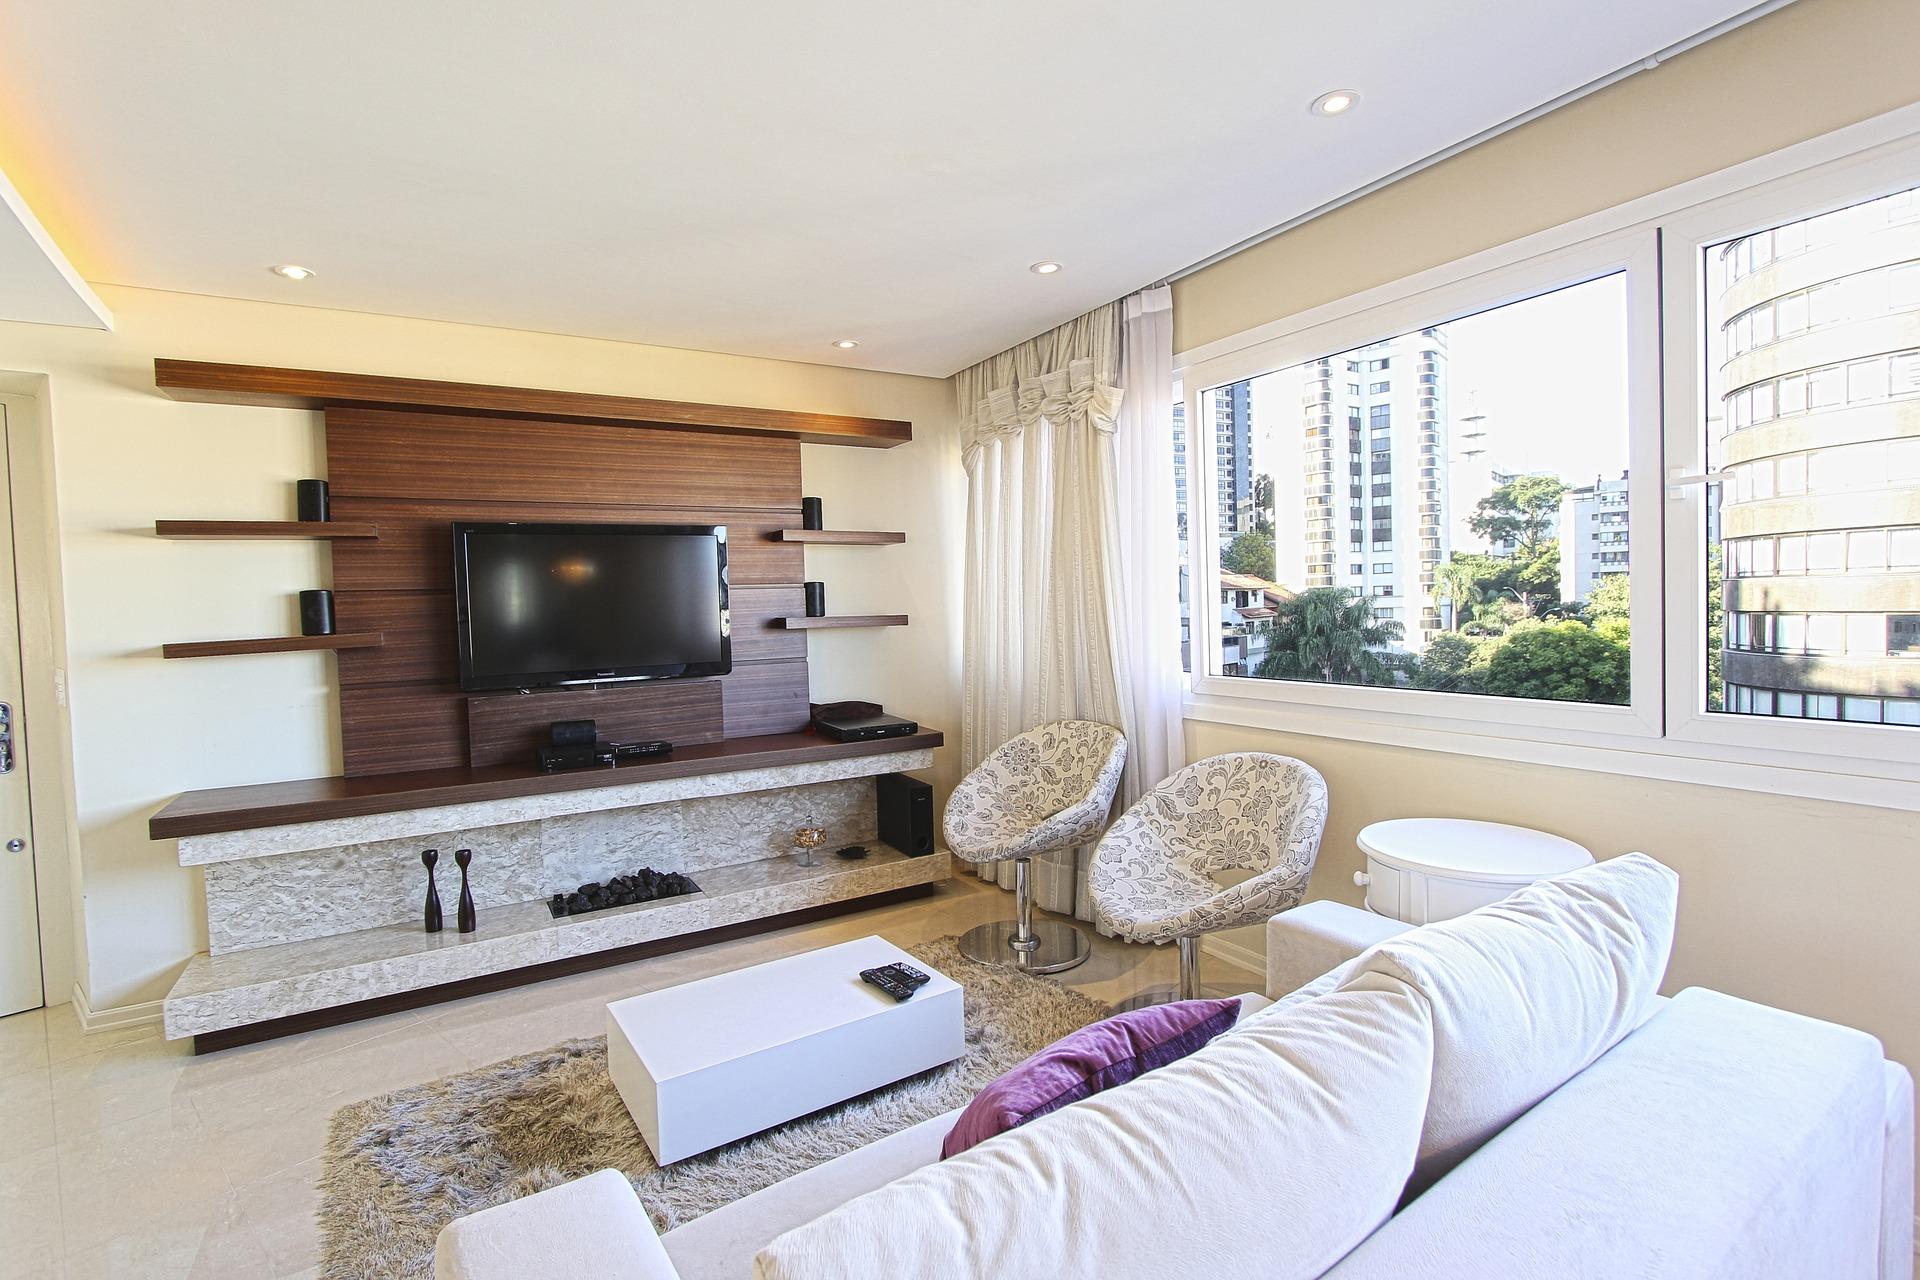 pokój z dywanem